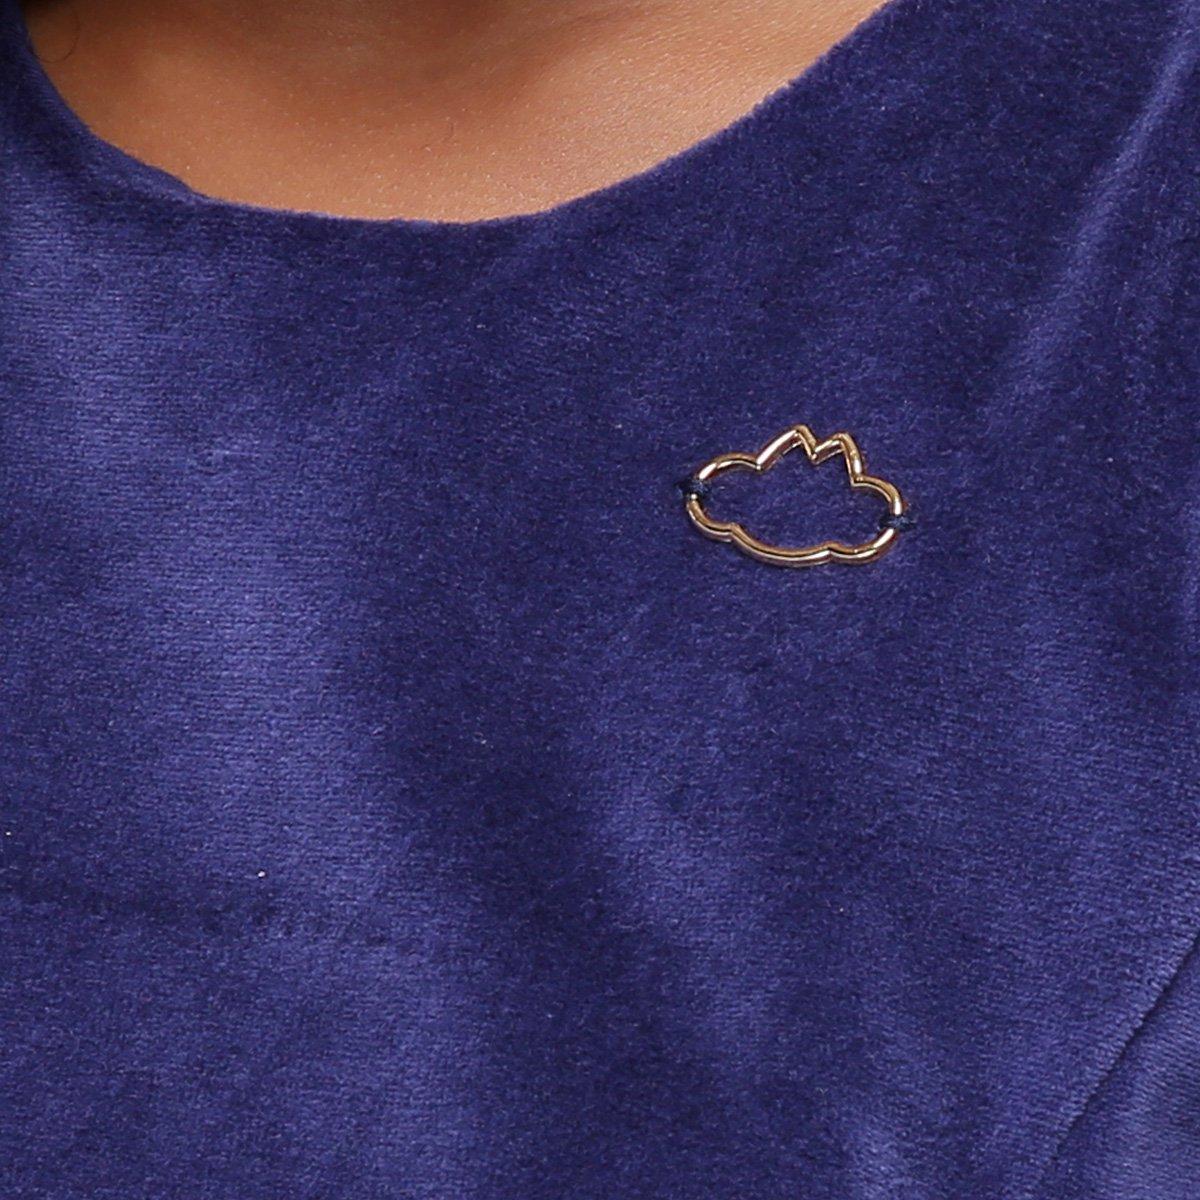 Conjunto Infantil Azul Azul Ripilica Ripilica Conjunto Lilica Infantil Azul Conjunto Ripilica Lilica Infantil Conjunto Lilica rxFwrOq